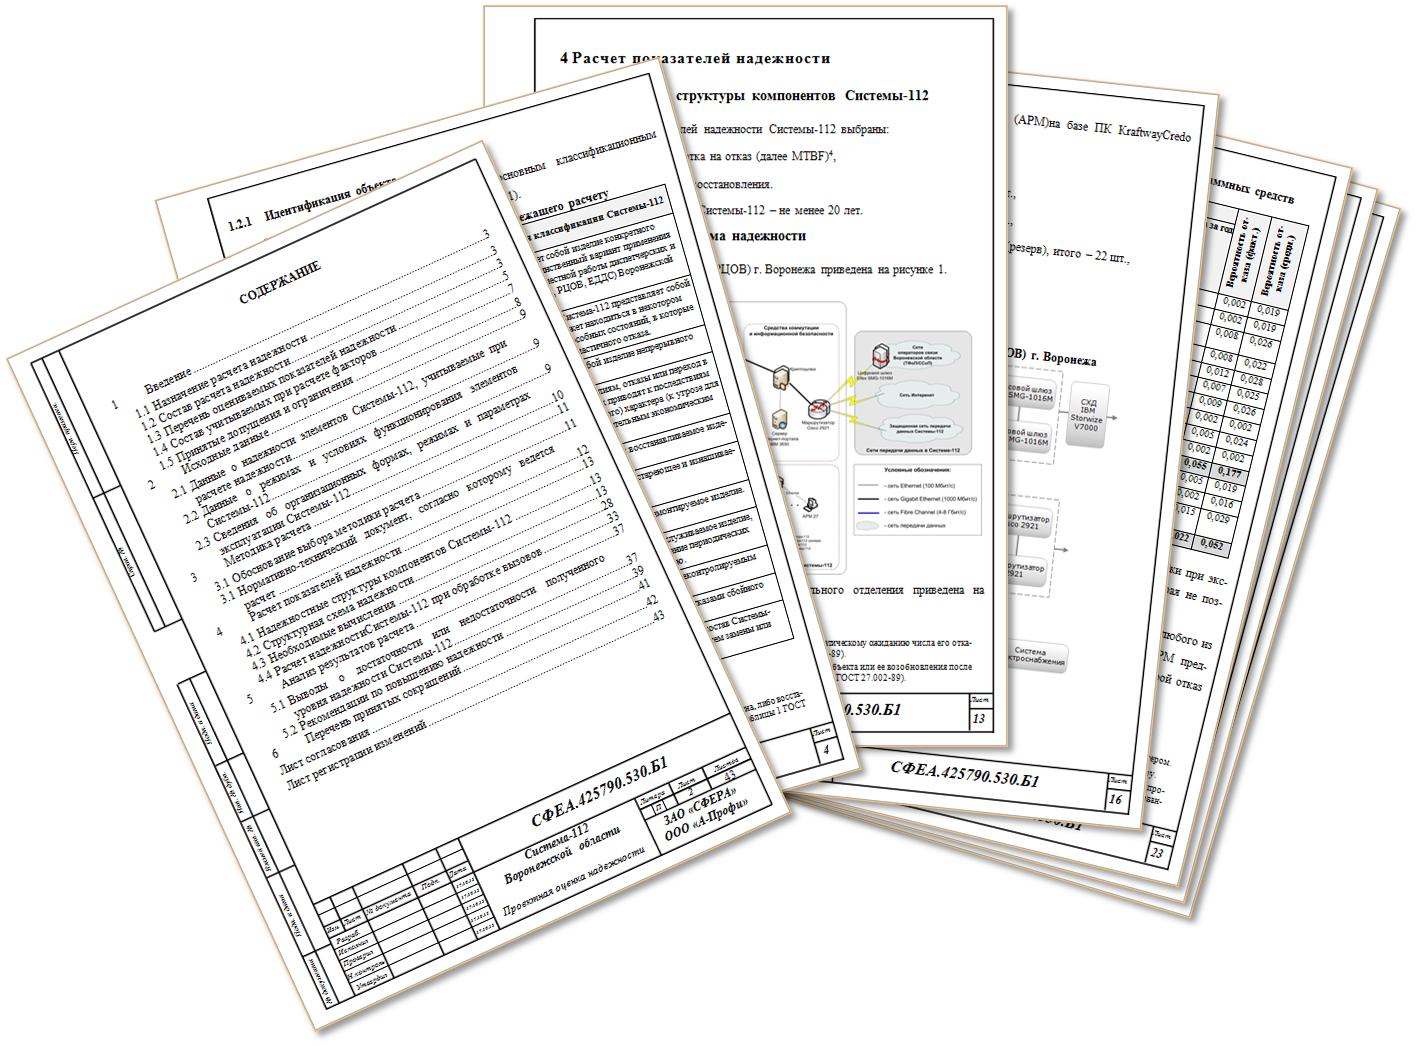 Проектная оценка надежности системы по РД 50-34.698-90